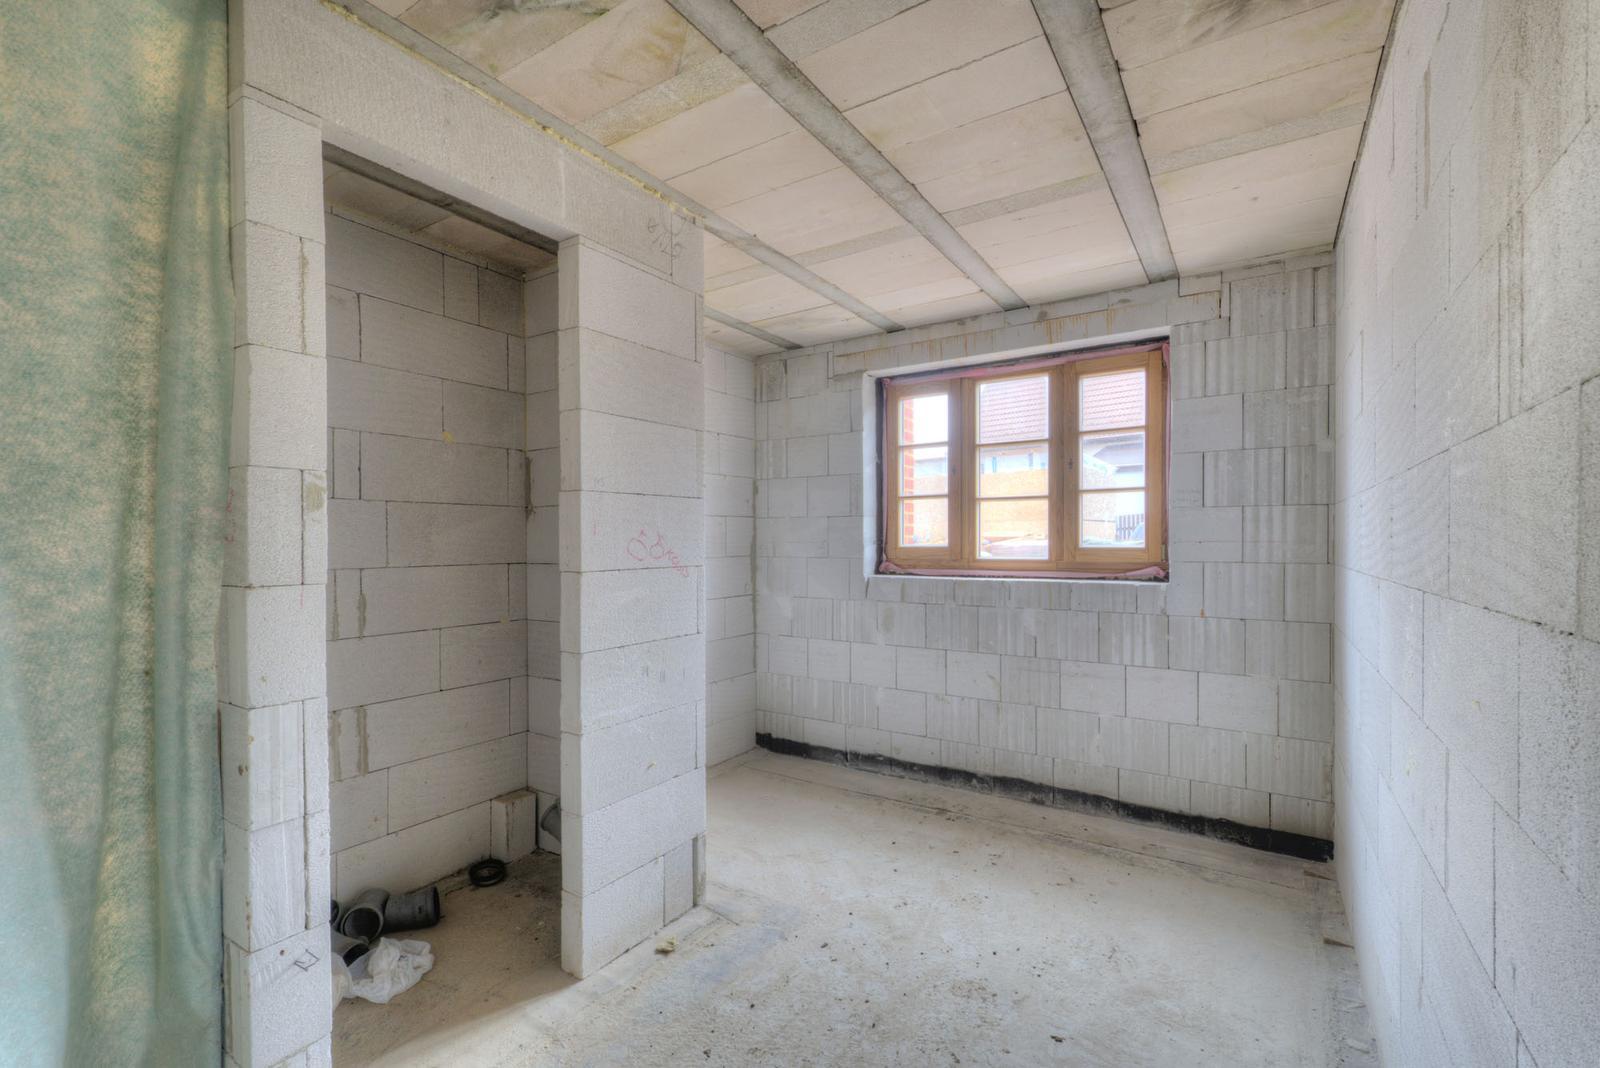 Zvonku tehla, vo vnútri Ytong - Členitý priestor obývacej izby.